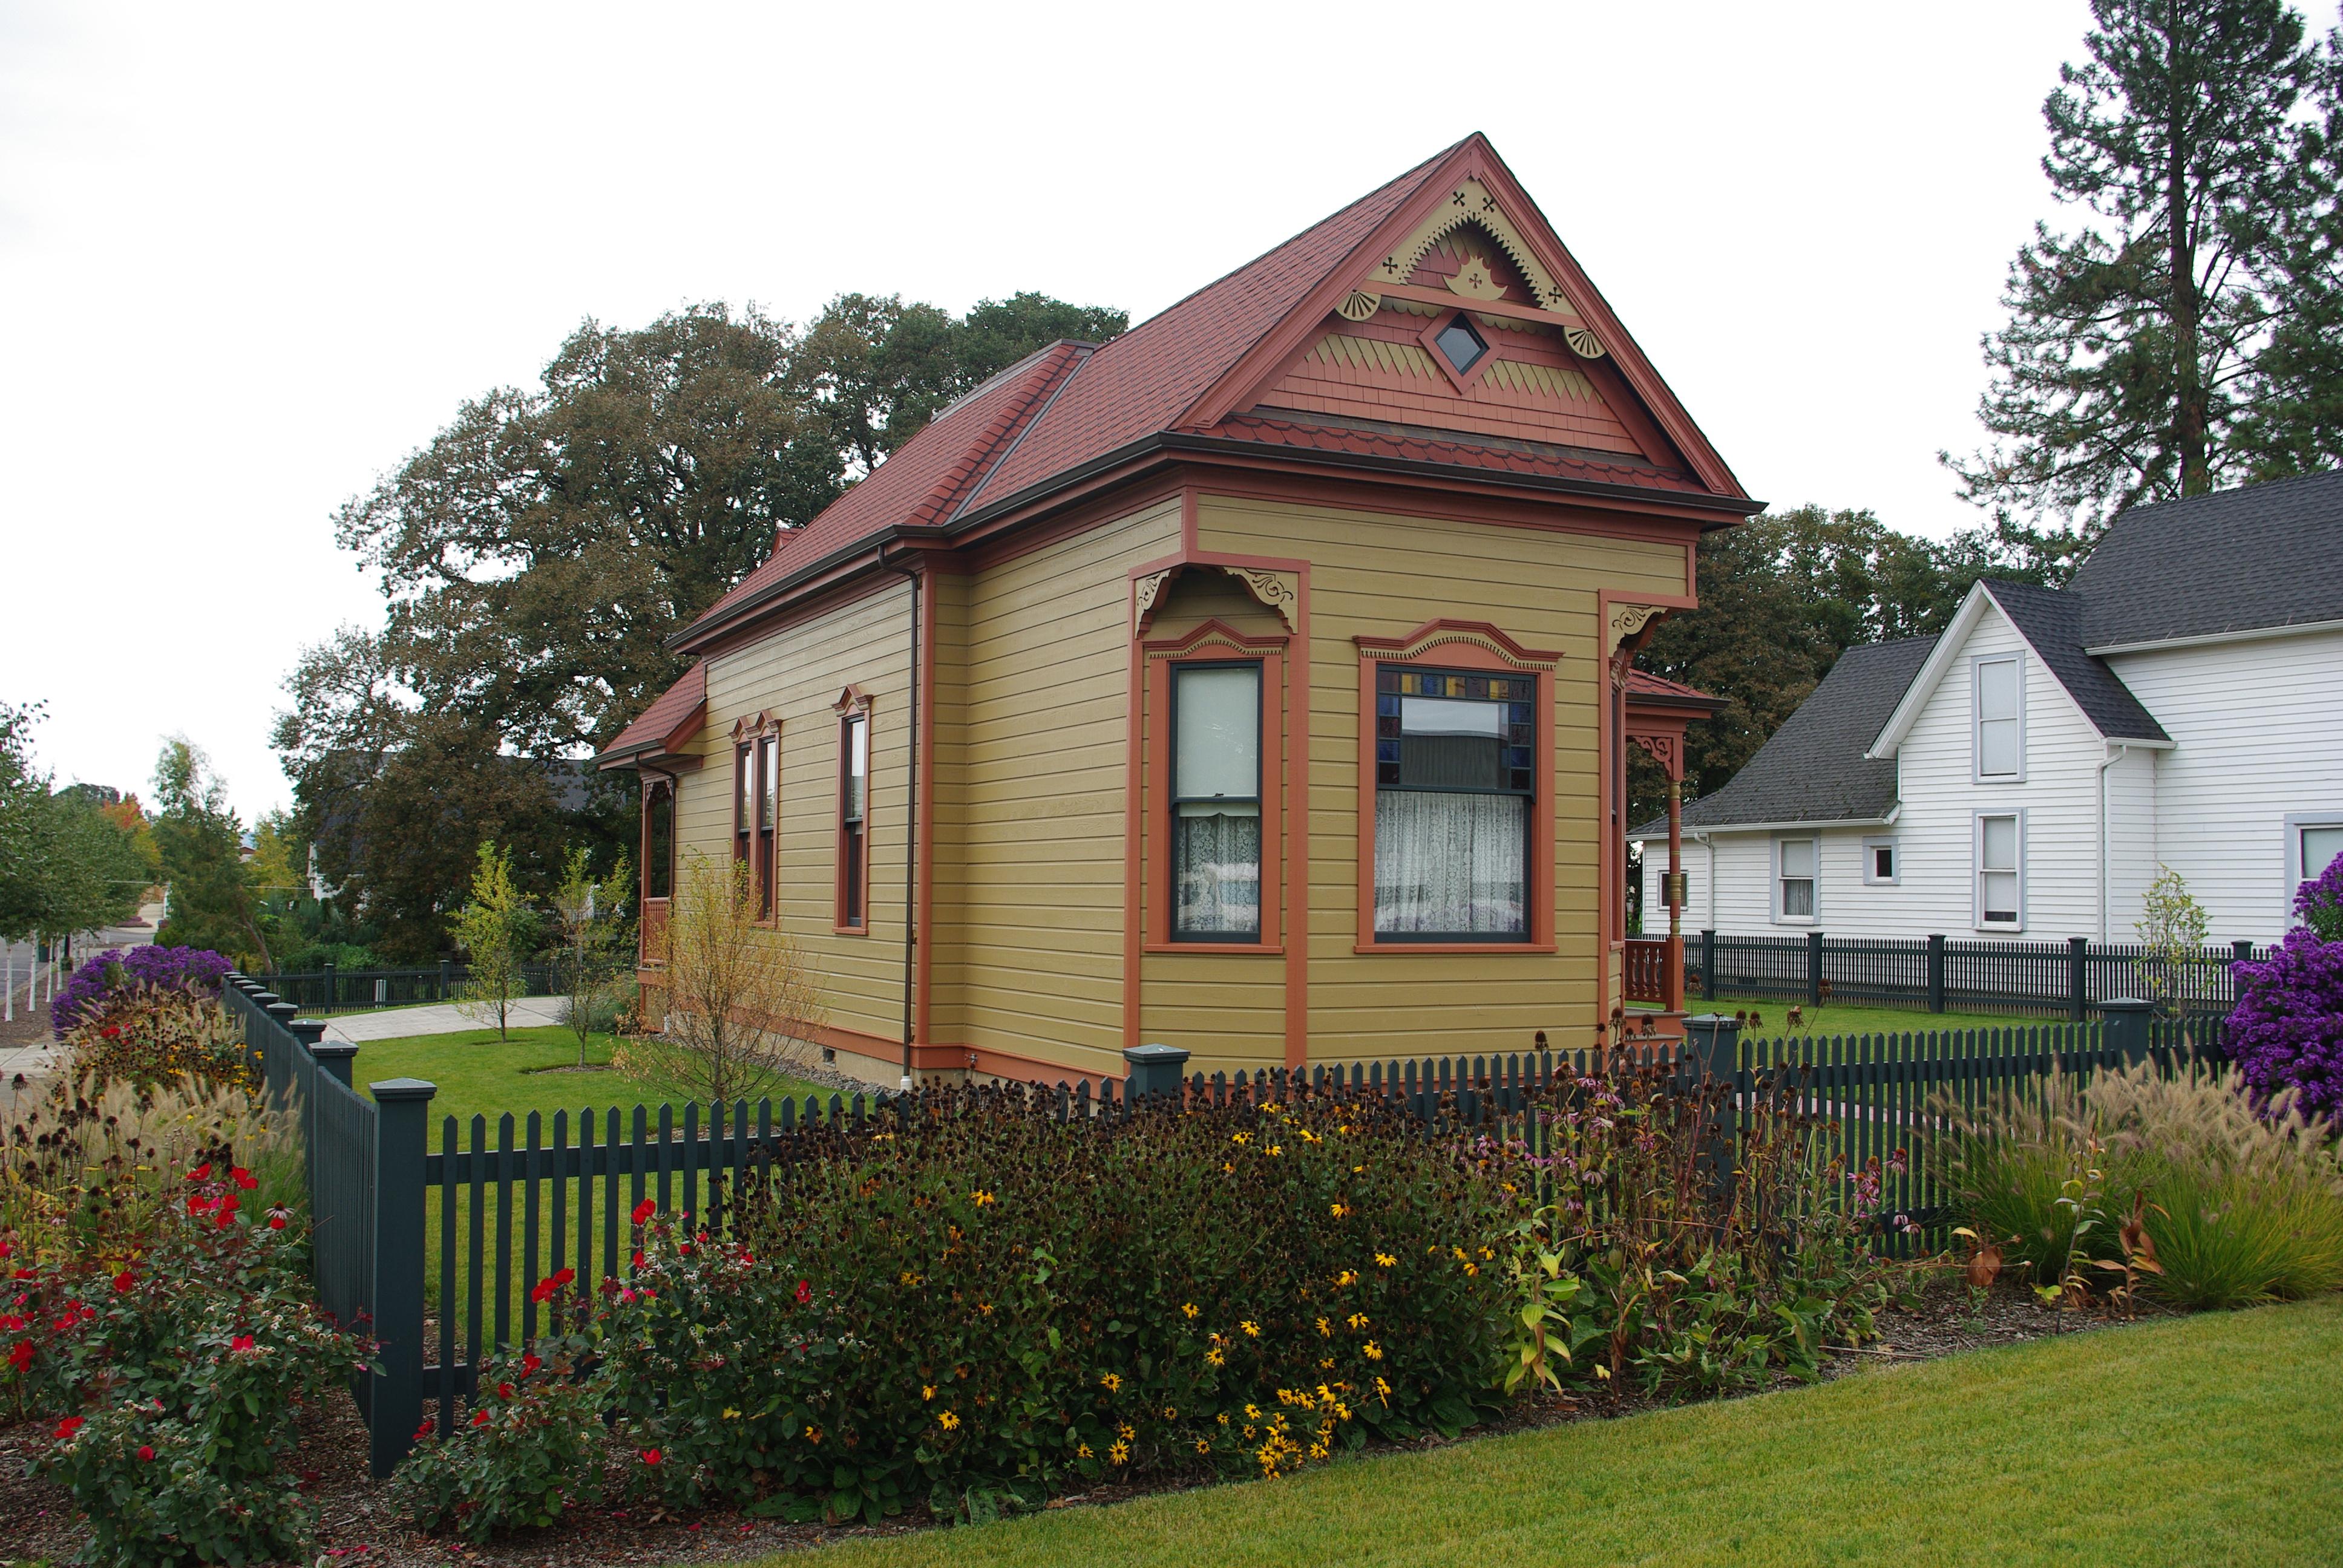 saint paul houses